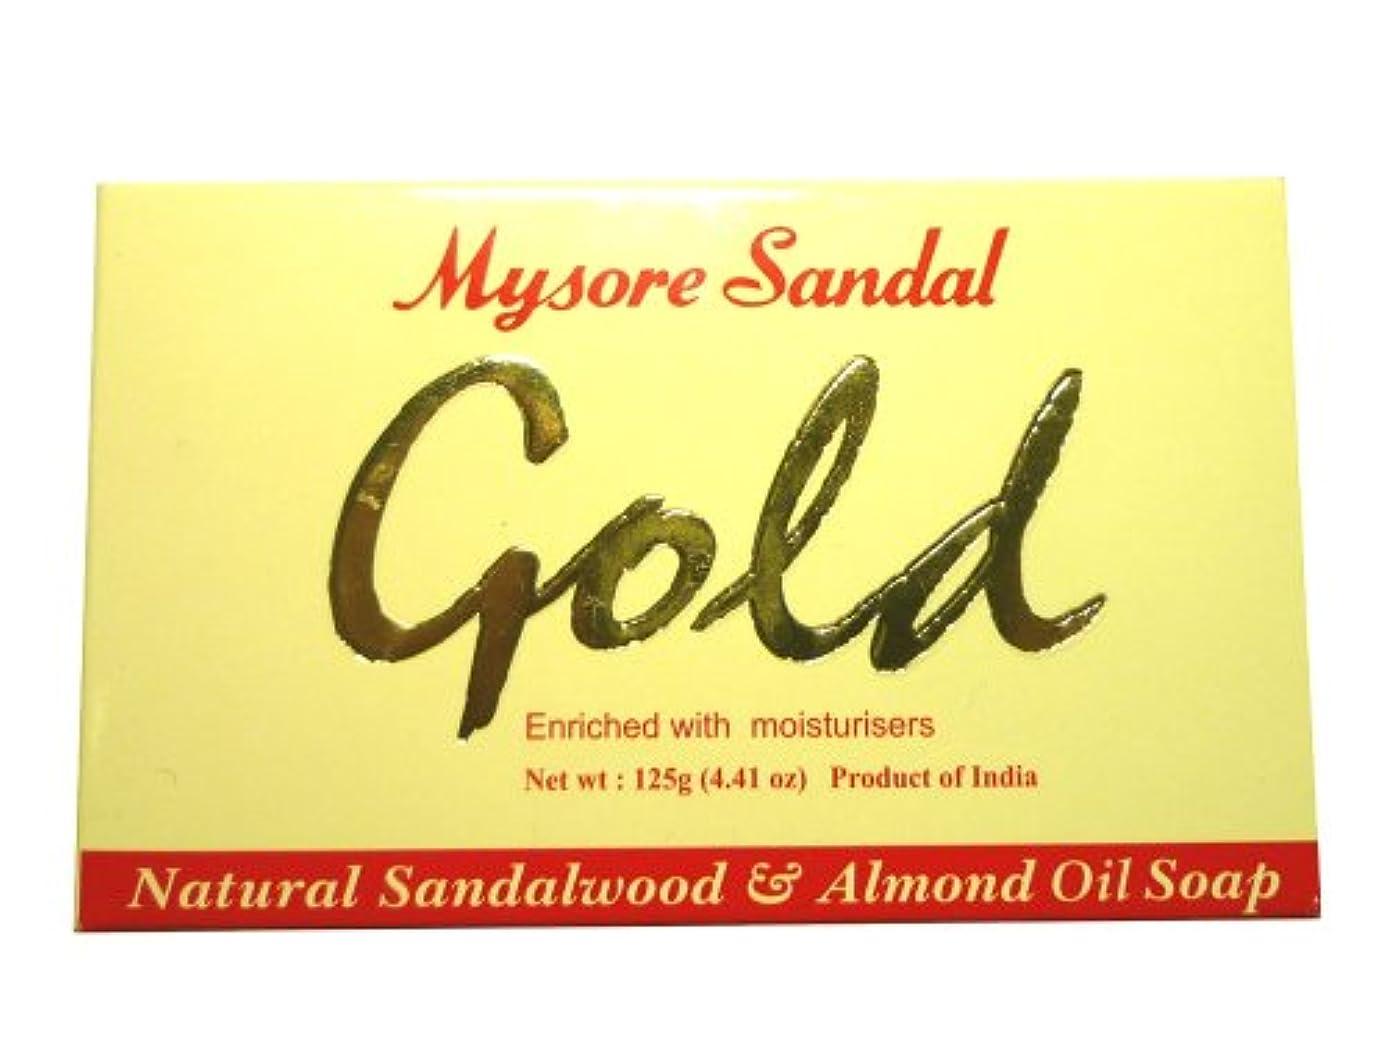 オアシス取得する古い高純度白檀油配合 マイソール サンダルゴールドソープ